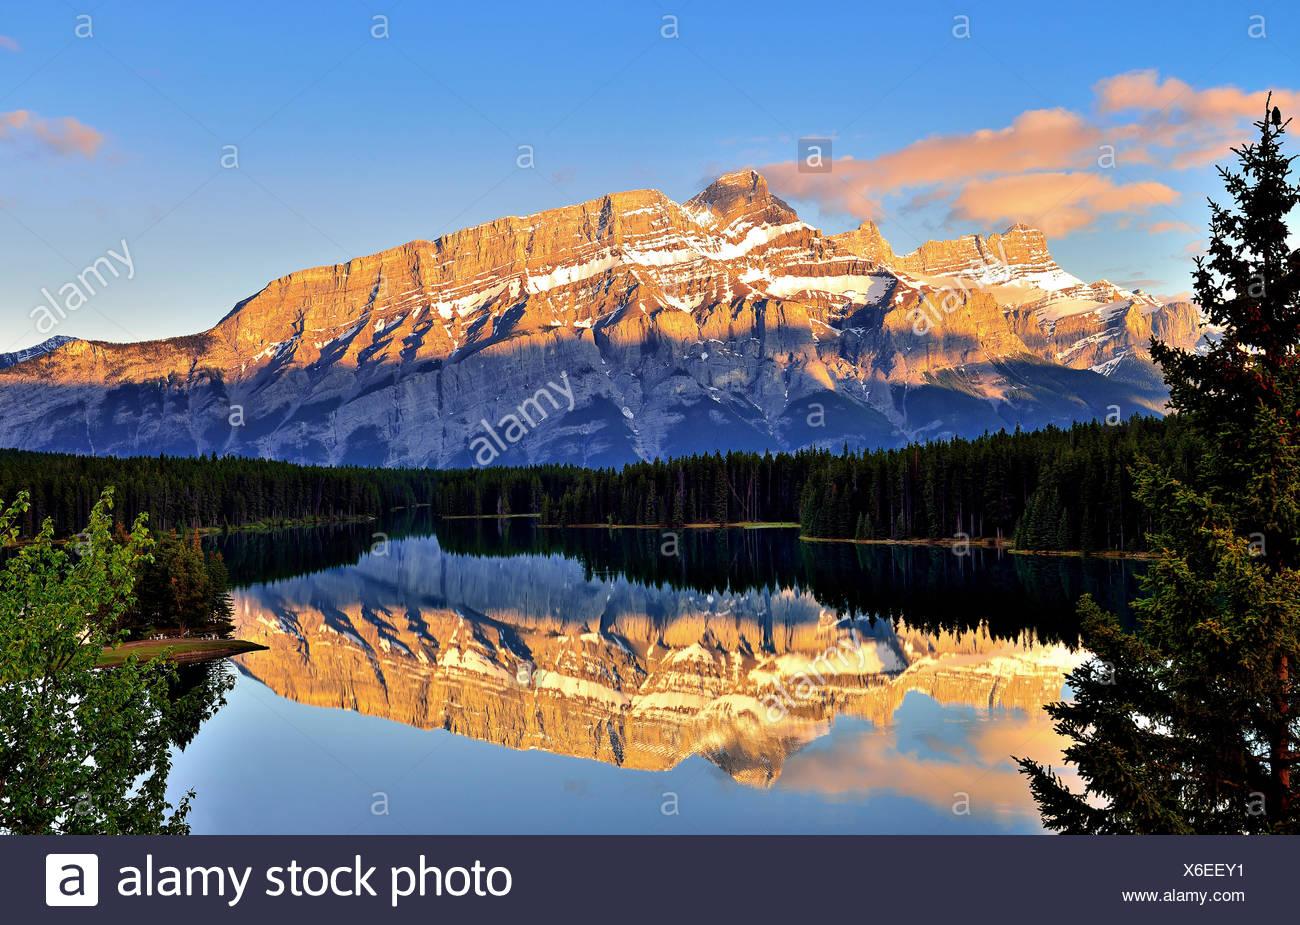 Canadá, Banff, vista del lago y dos gatos de monte Rundle Imagen De Stock